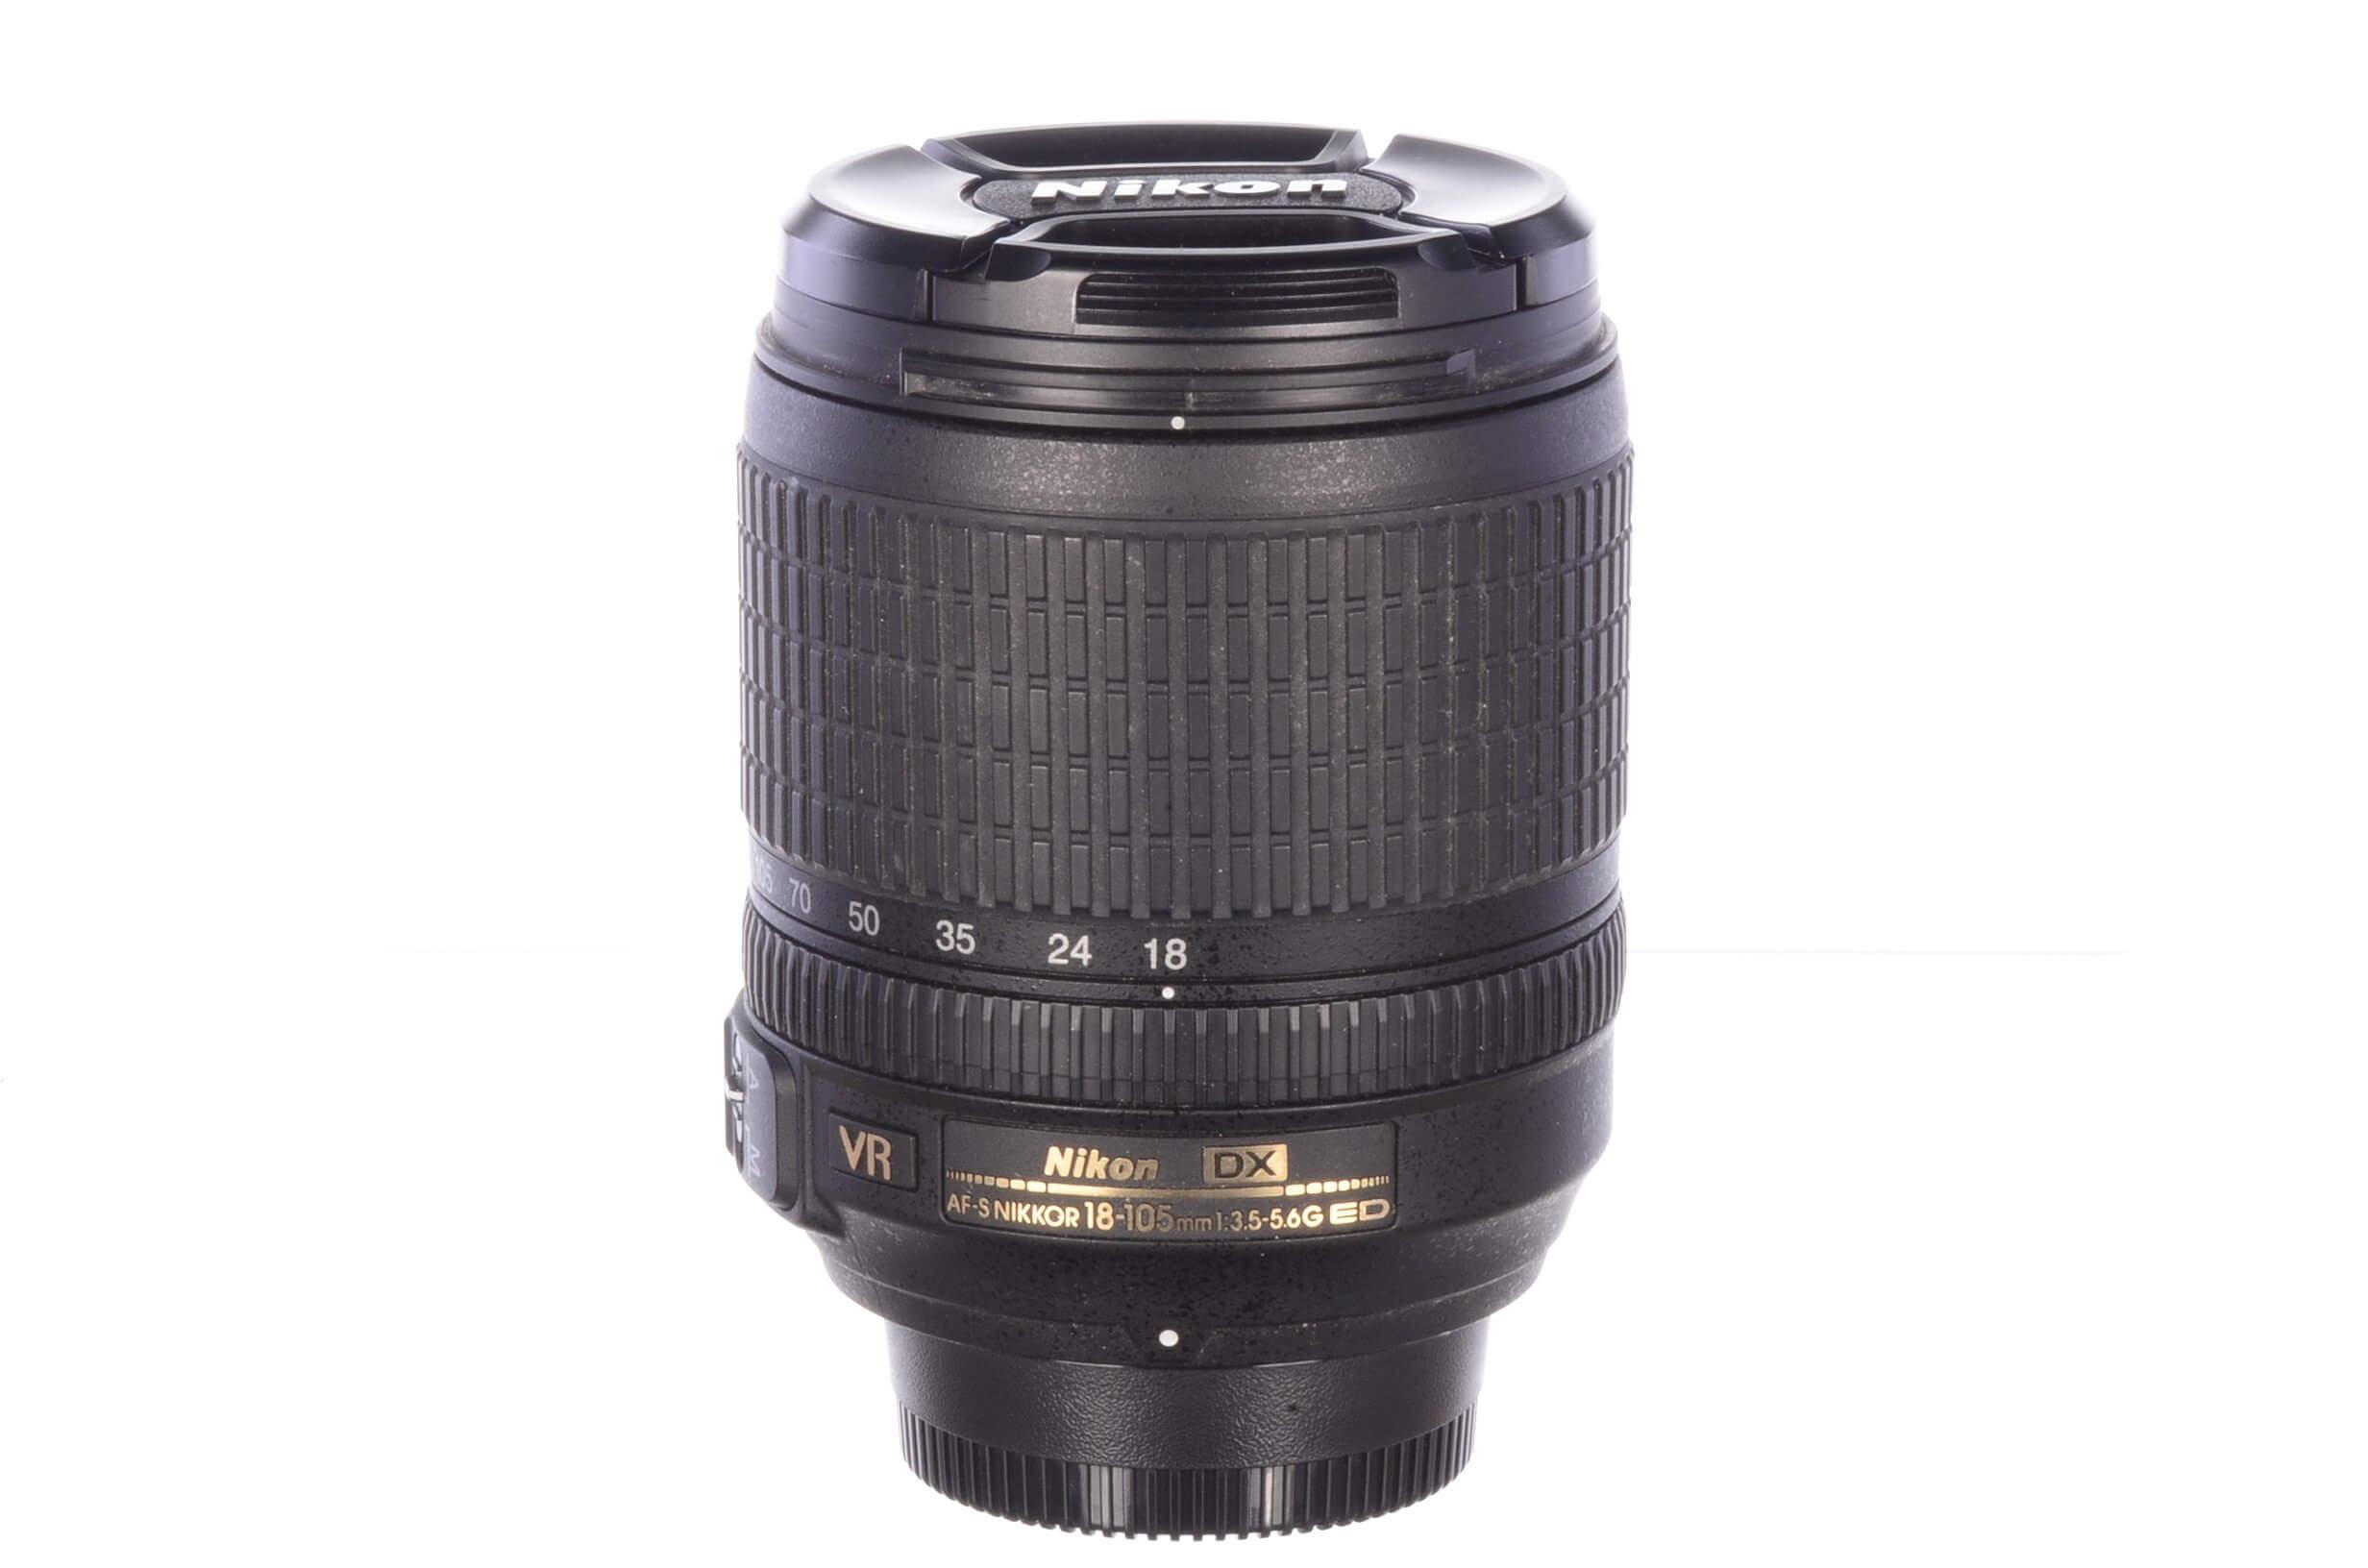 Nikon 18-105mm f3.5-5.6 AF-S G ED DX VR, MINT!